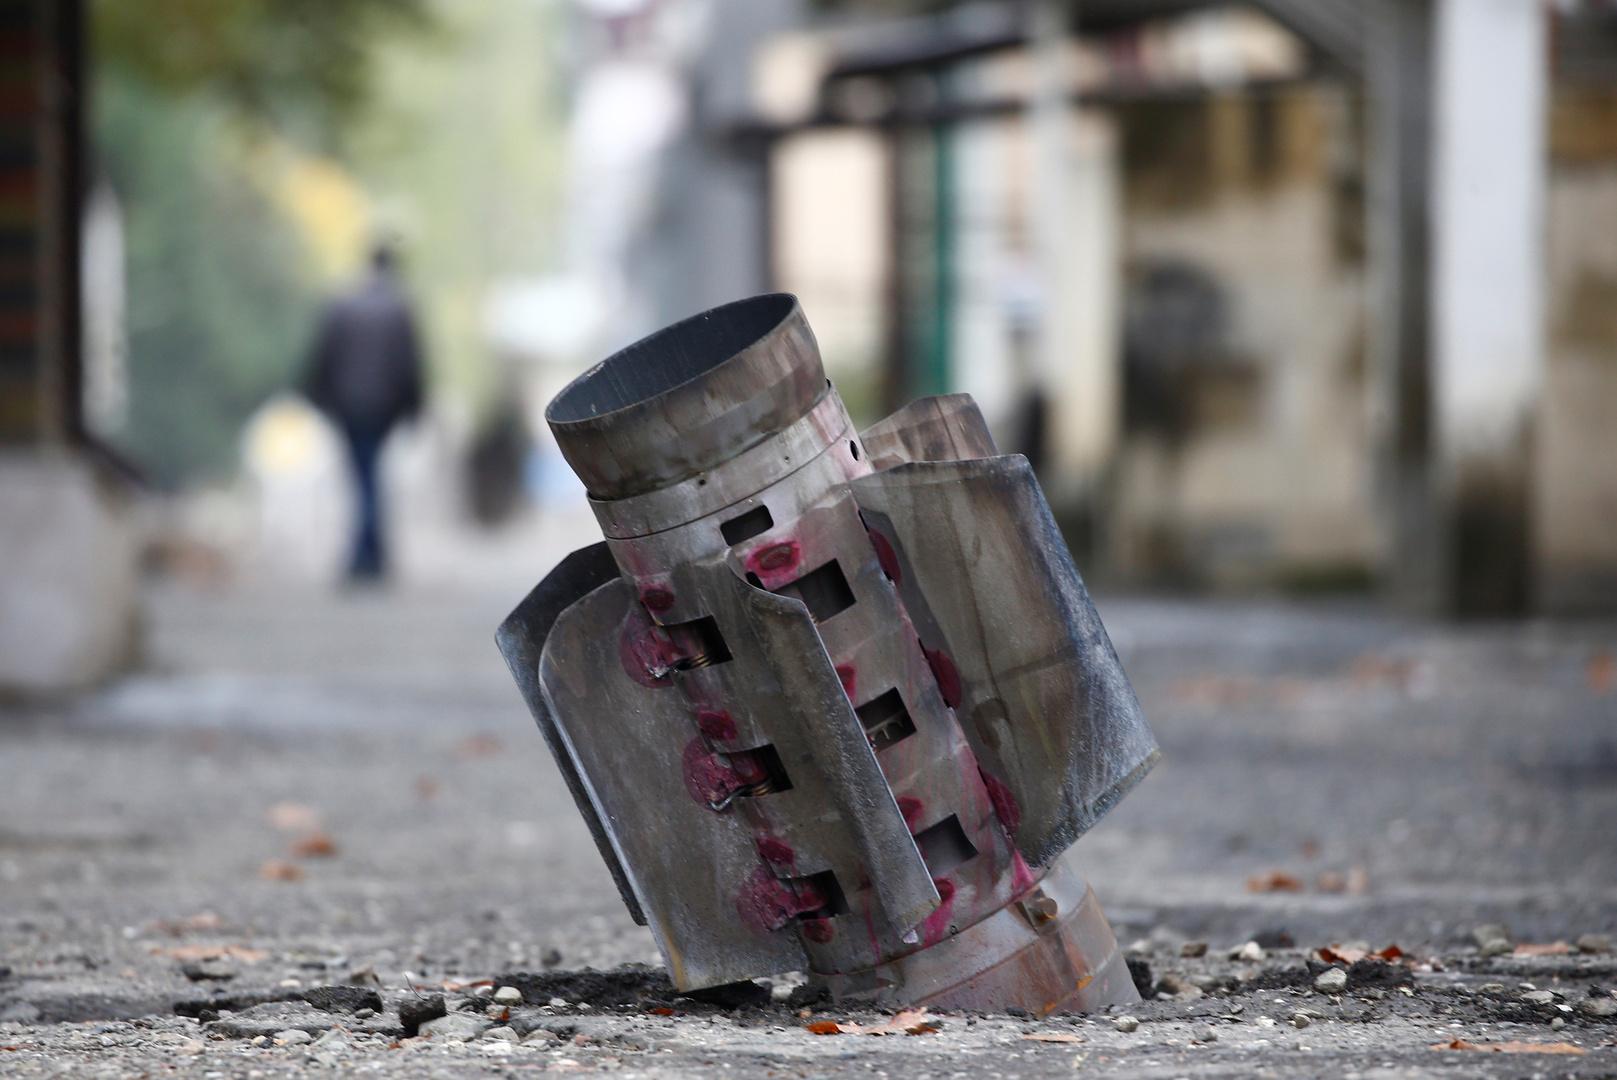 الكرملين: نشر قوات حفظ سلام أو مراقبين يمكن فقط بعد موافقة أذربيجان وأرمينيا